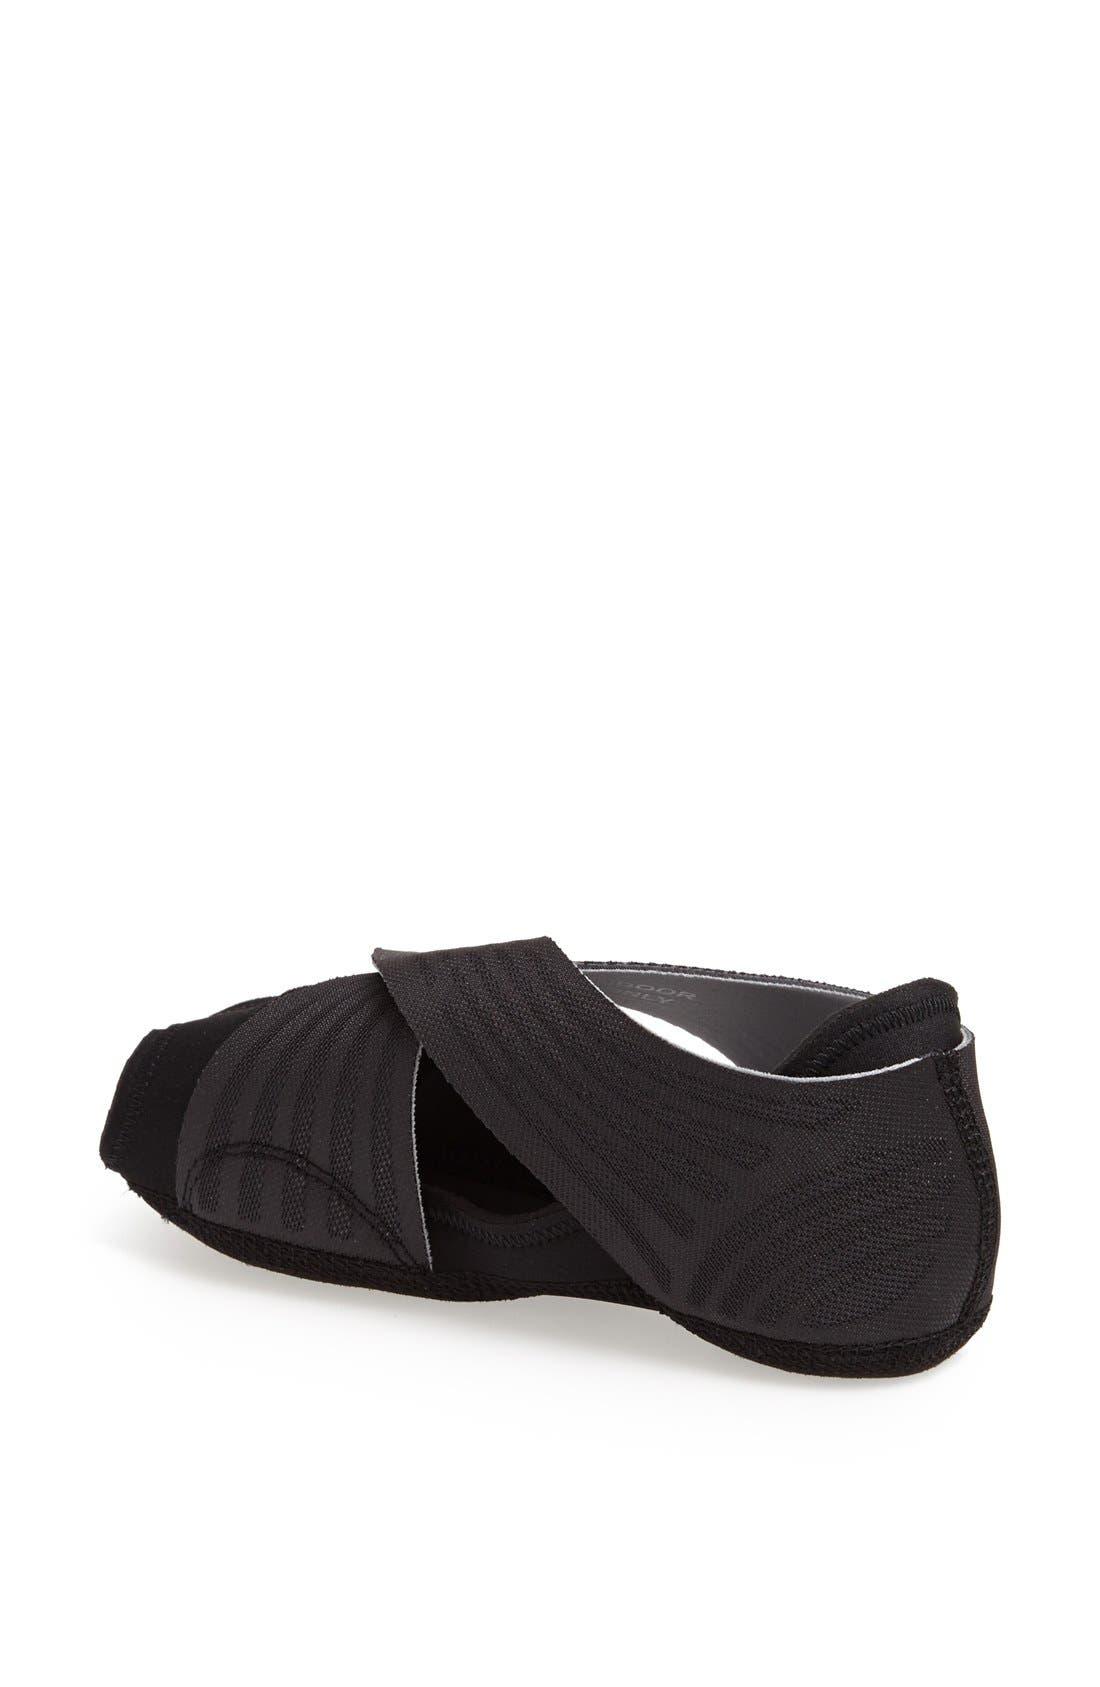 'Studio Wrap 2' Yoga Training Shoe,                             Alternate thumbnail 2, color,                             010